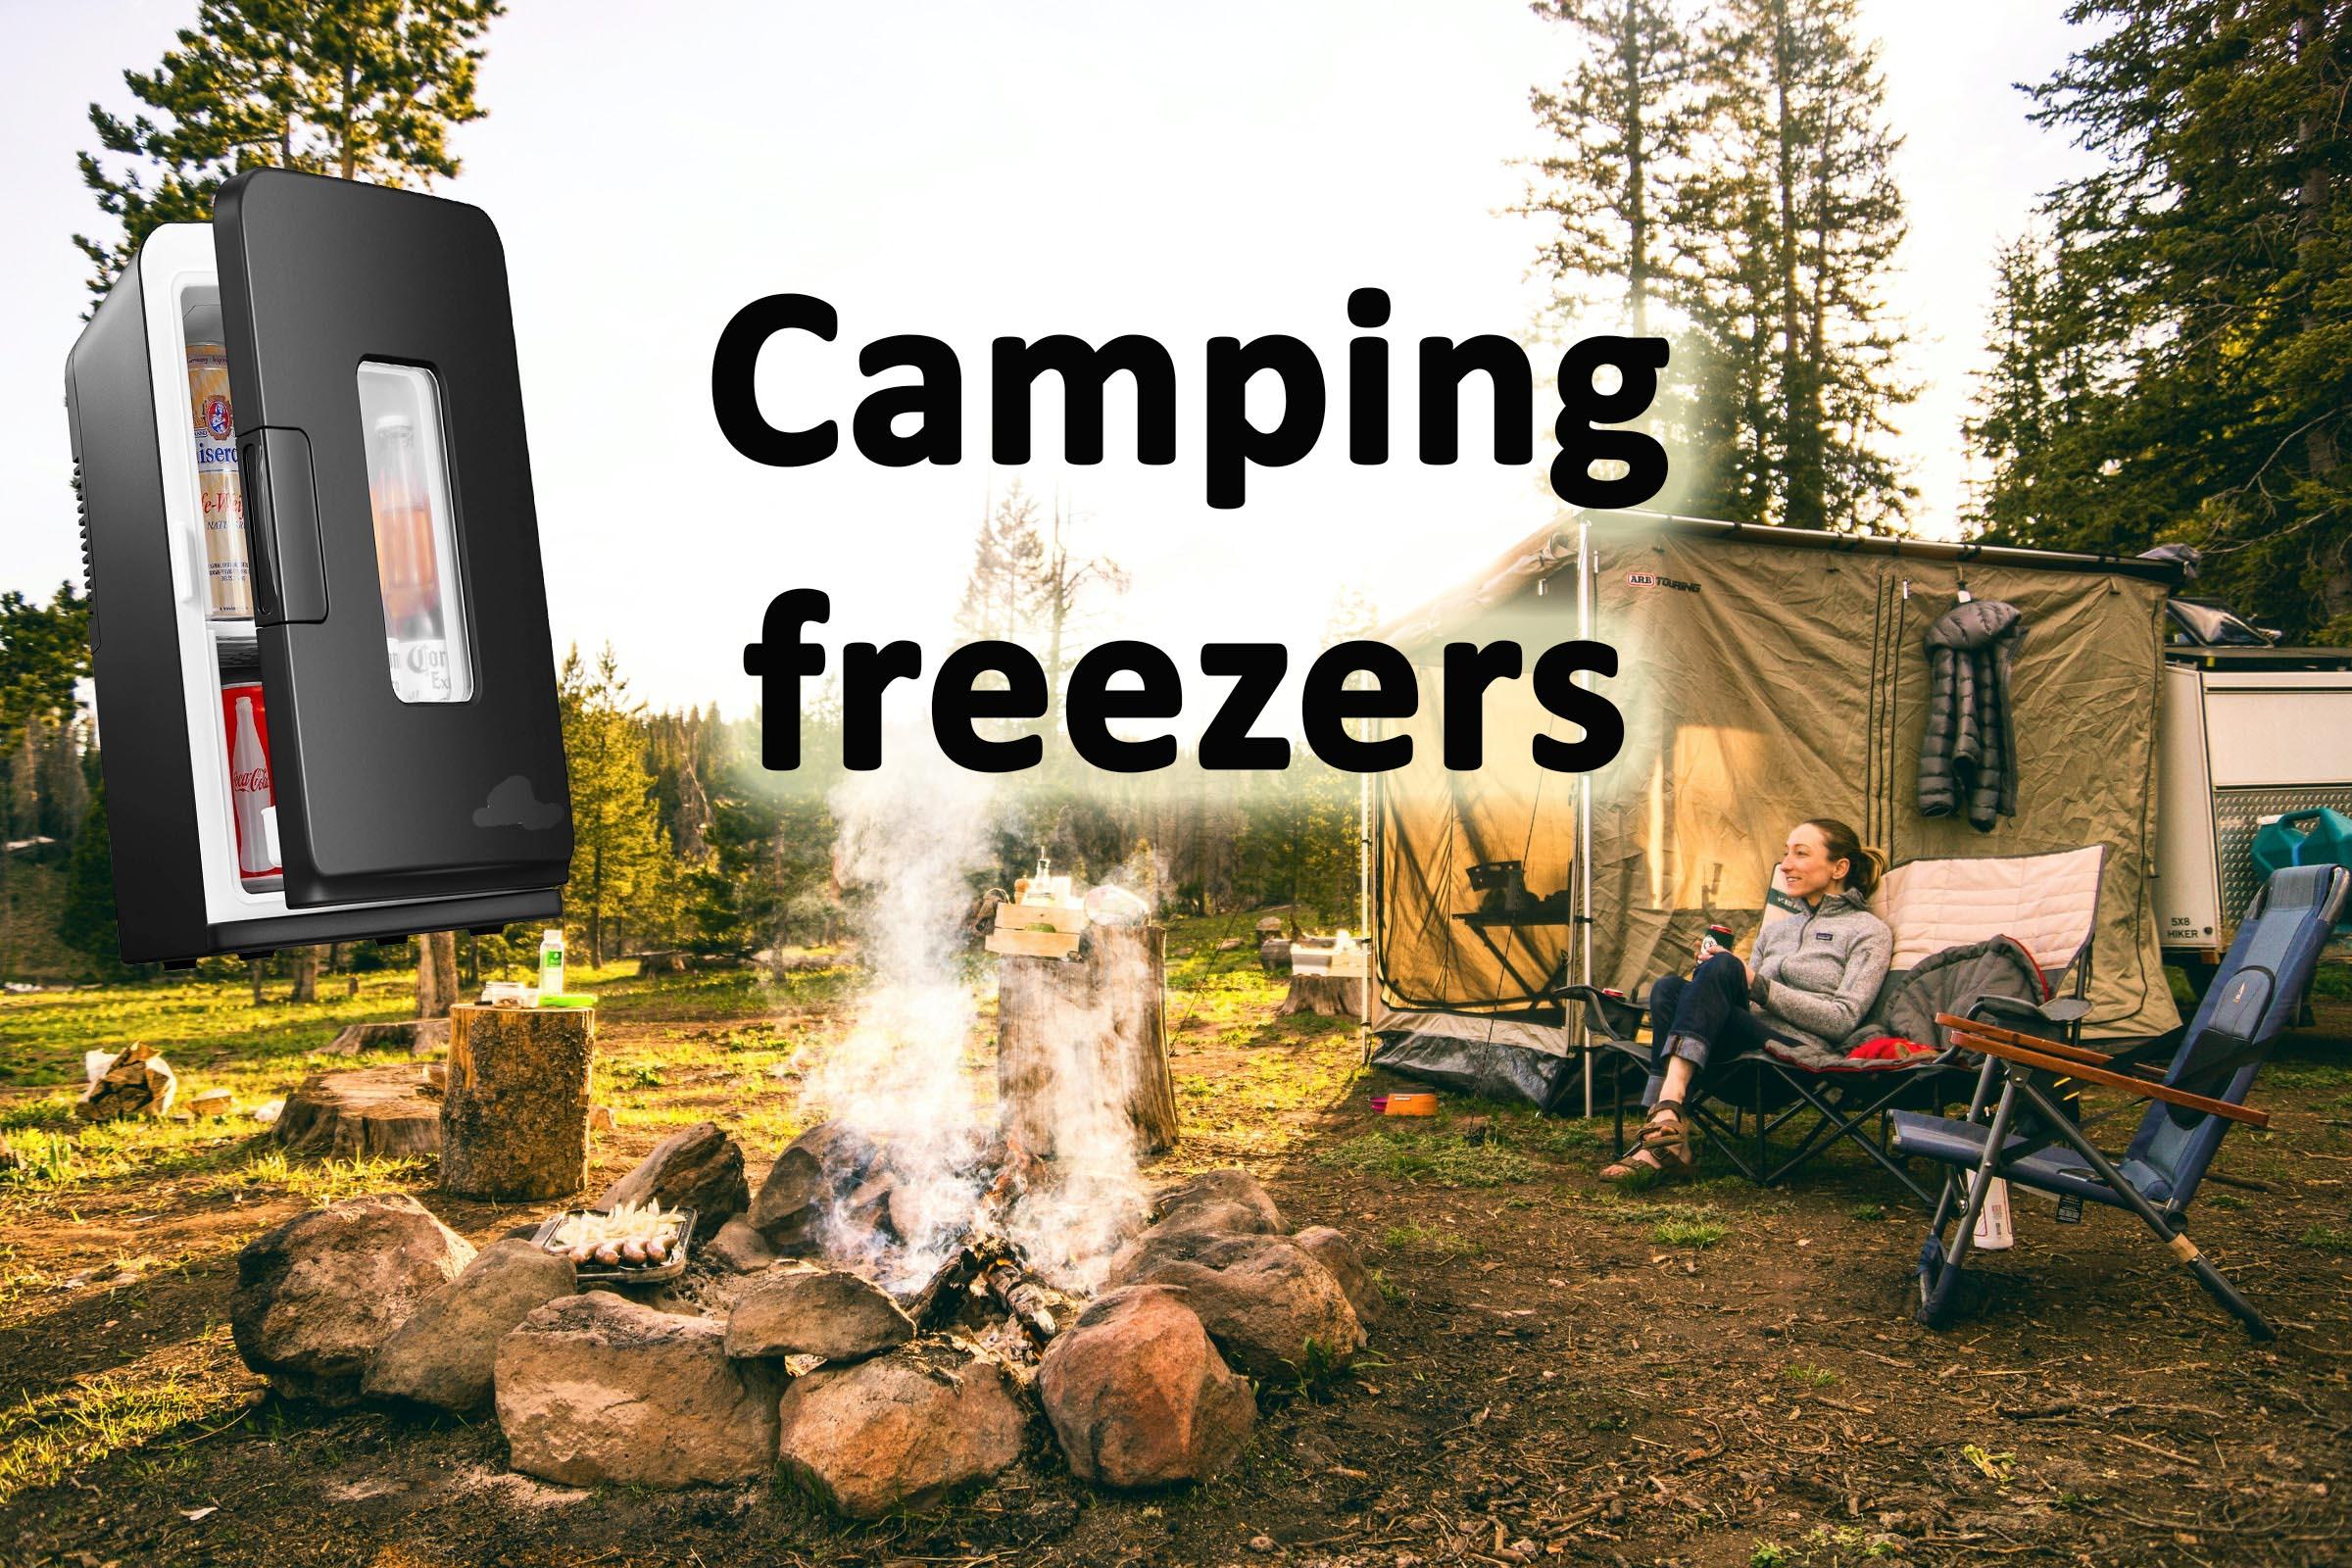 Camping freezers